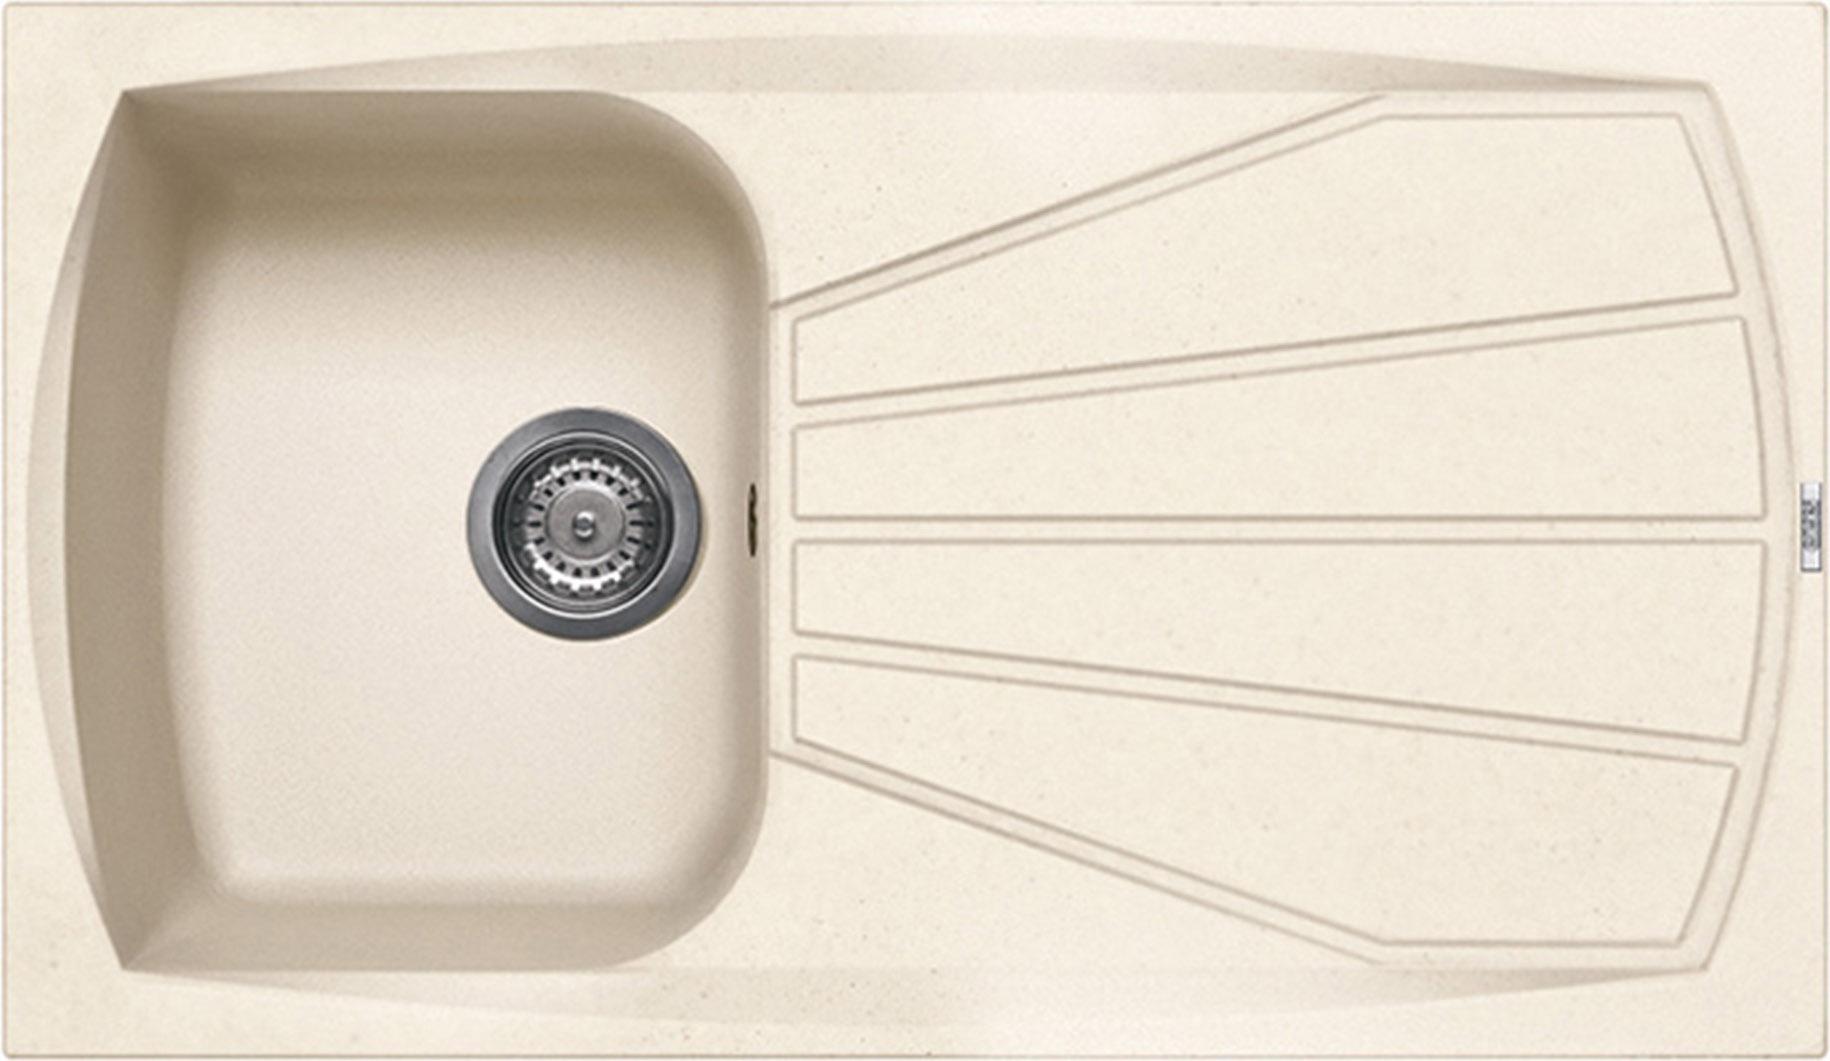 Elleci lavello cucina incasso 1 vasca gocciolatoio 86 cm - Lavandino cucina una vasca ...